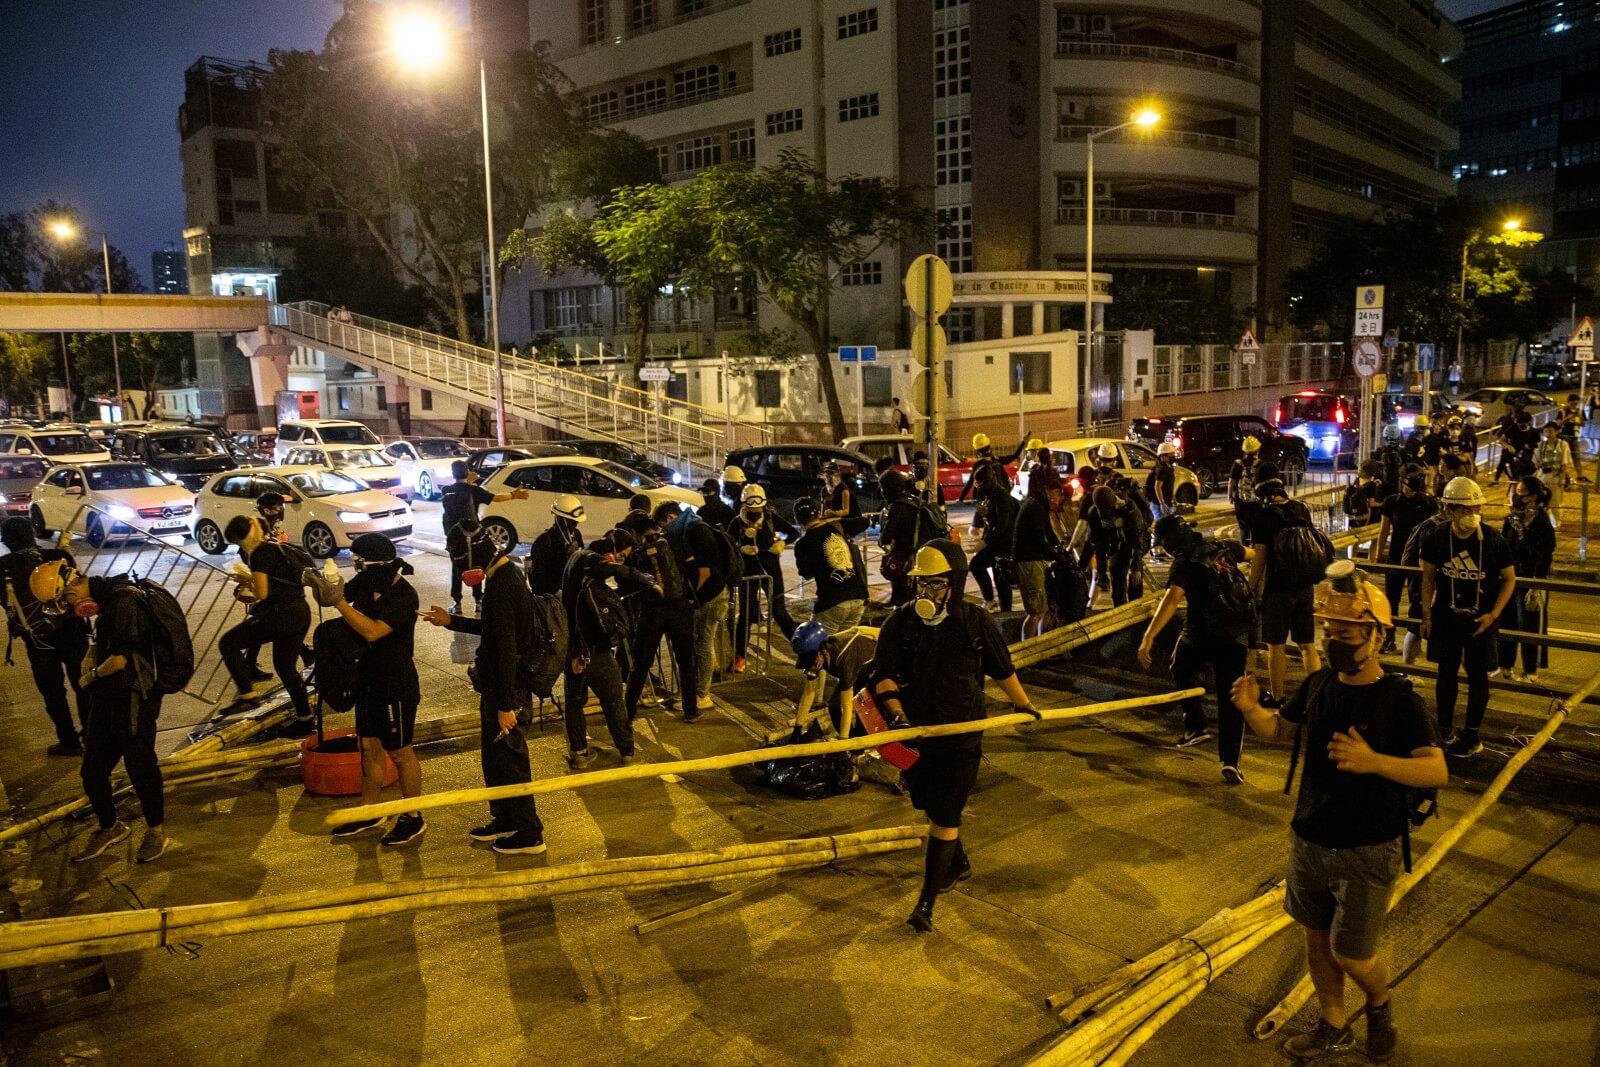 Antyrządowe protesty w Chinach ciągle trwają fot. EPA/CHAN LONG HEI